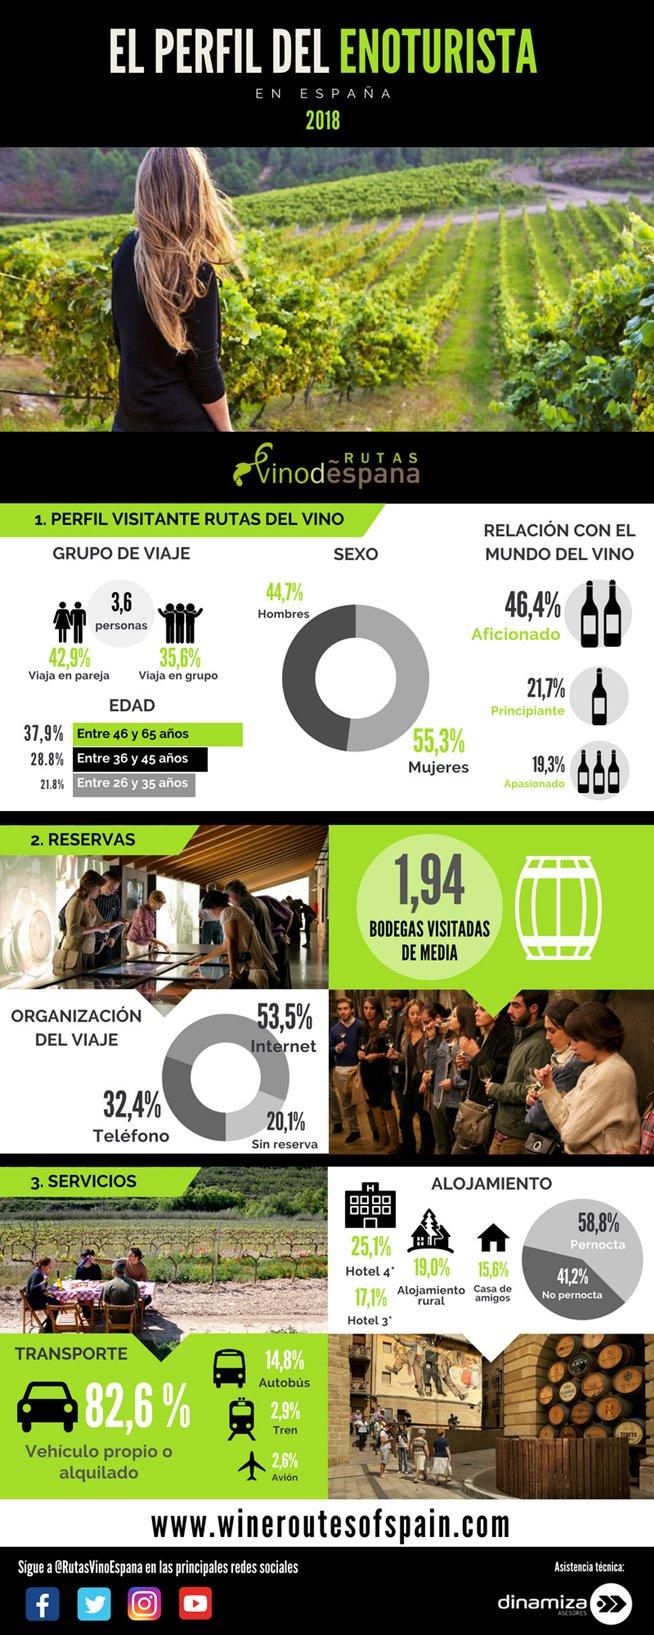 Infografía con datos sobre el perfil del enoturismo en españa